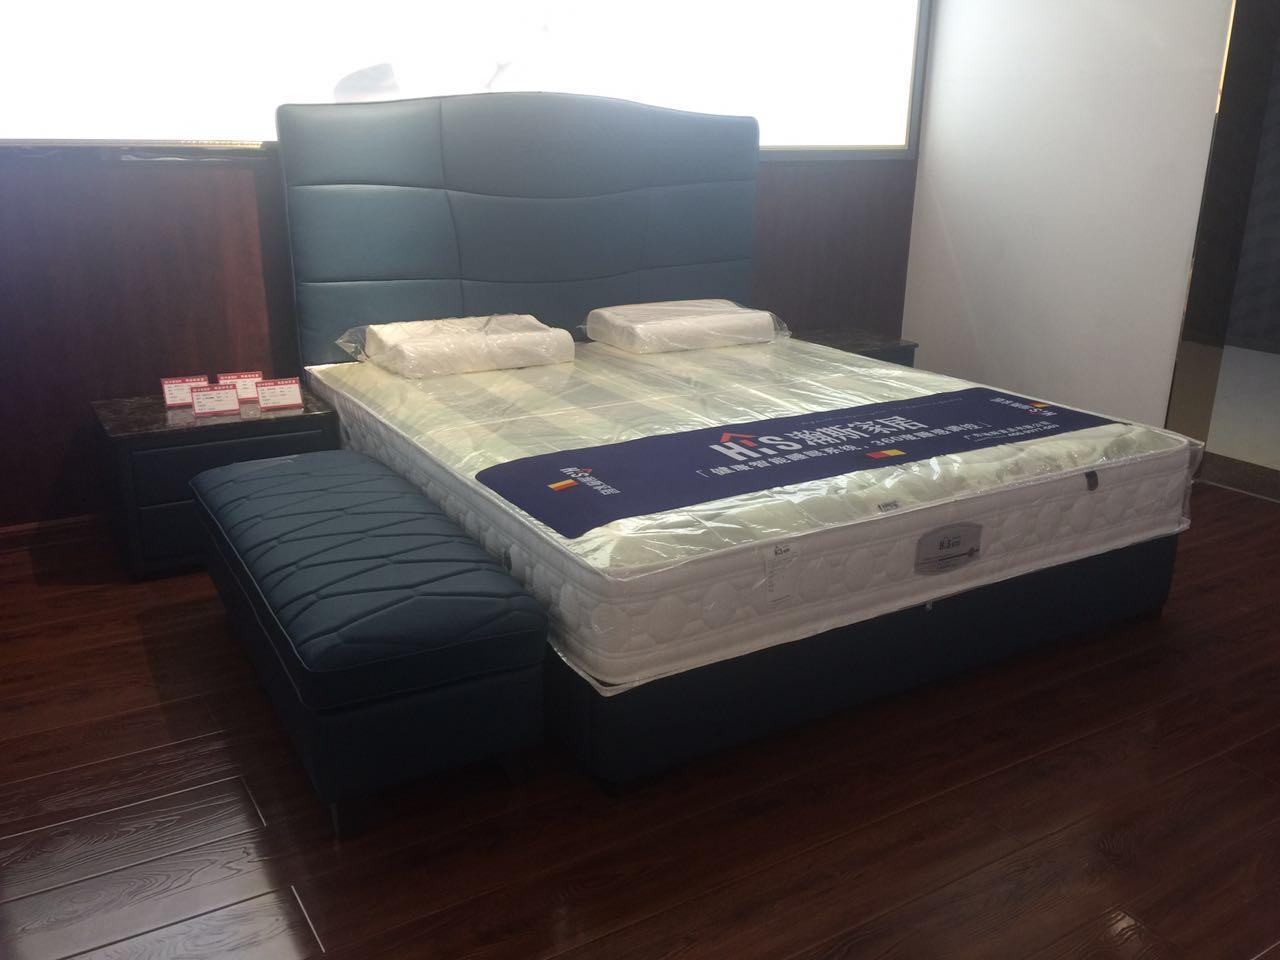 3e棕榈床垫-3e棕榈床垫批发、促销价格、产地货源 - 阿里巴巴